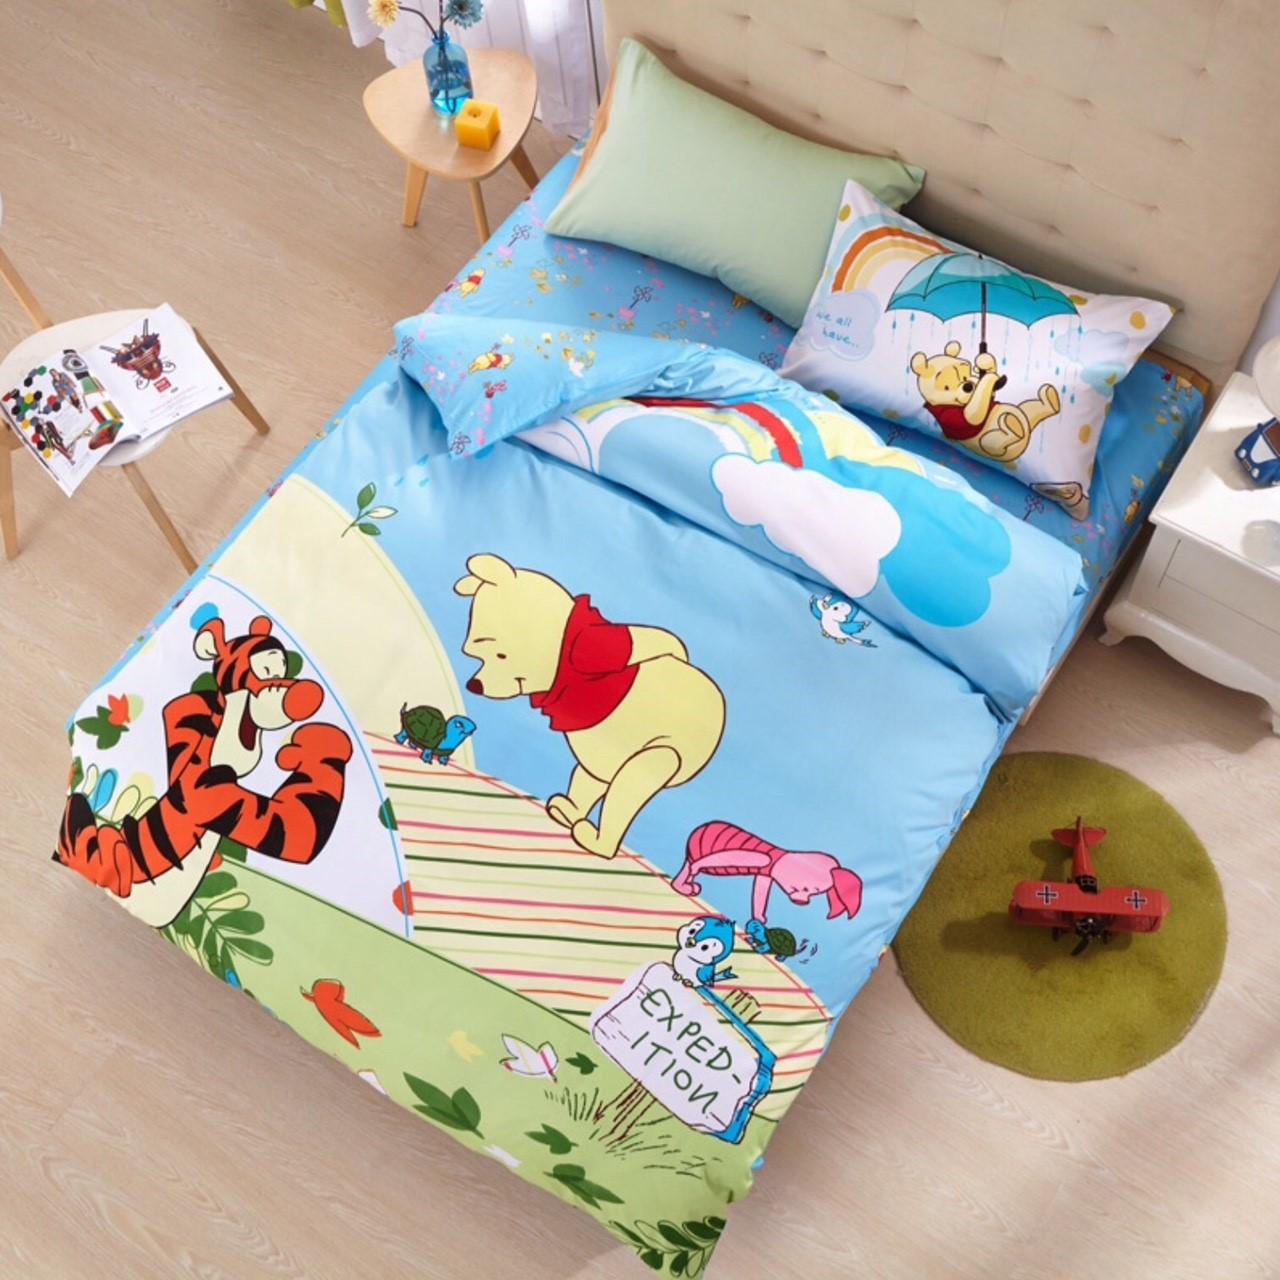 ผ้าปูที่นอน ลายหมีพูห์ Winnie the Pooh bedding Set